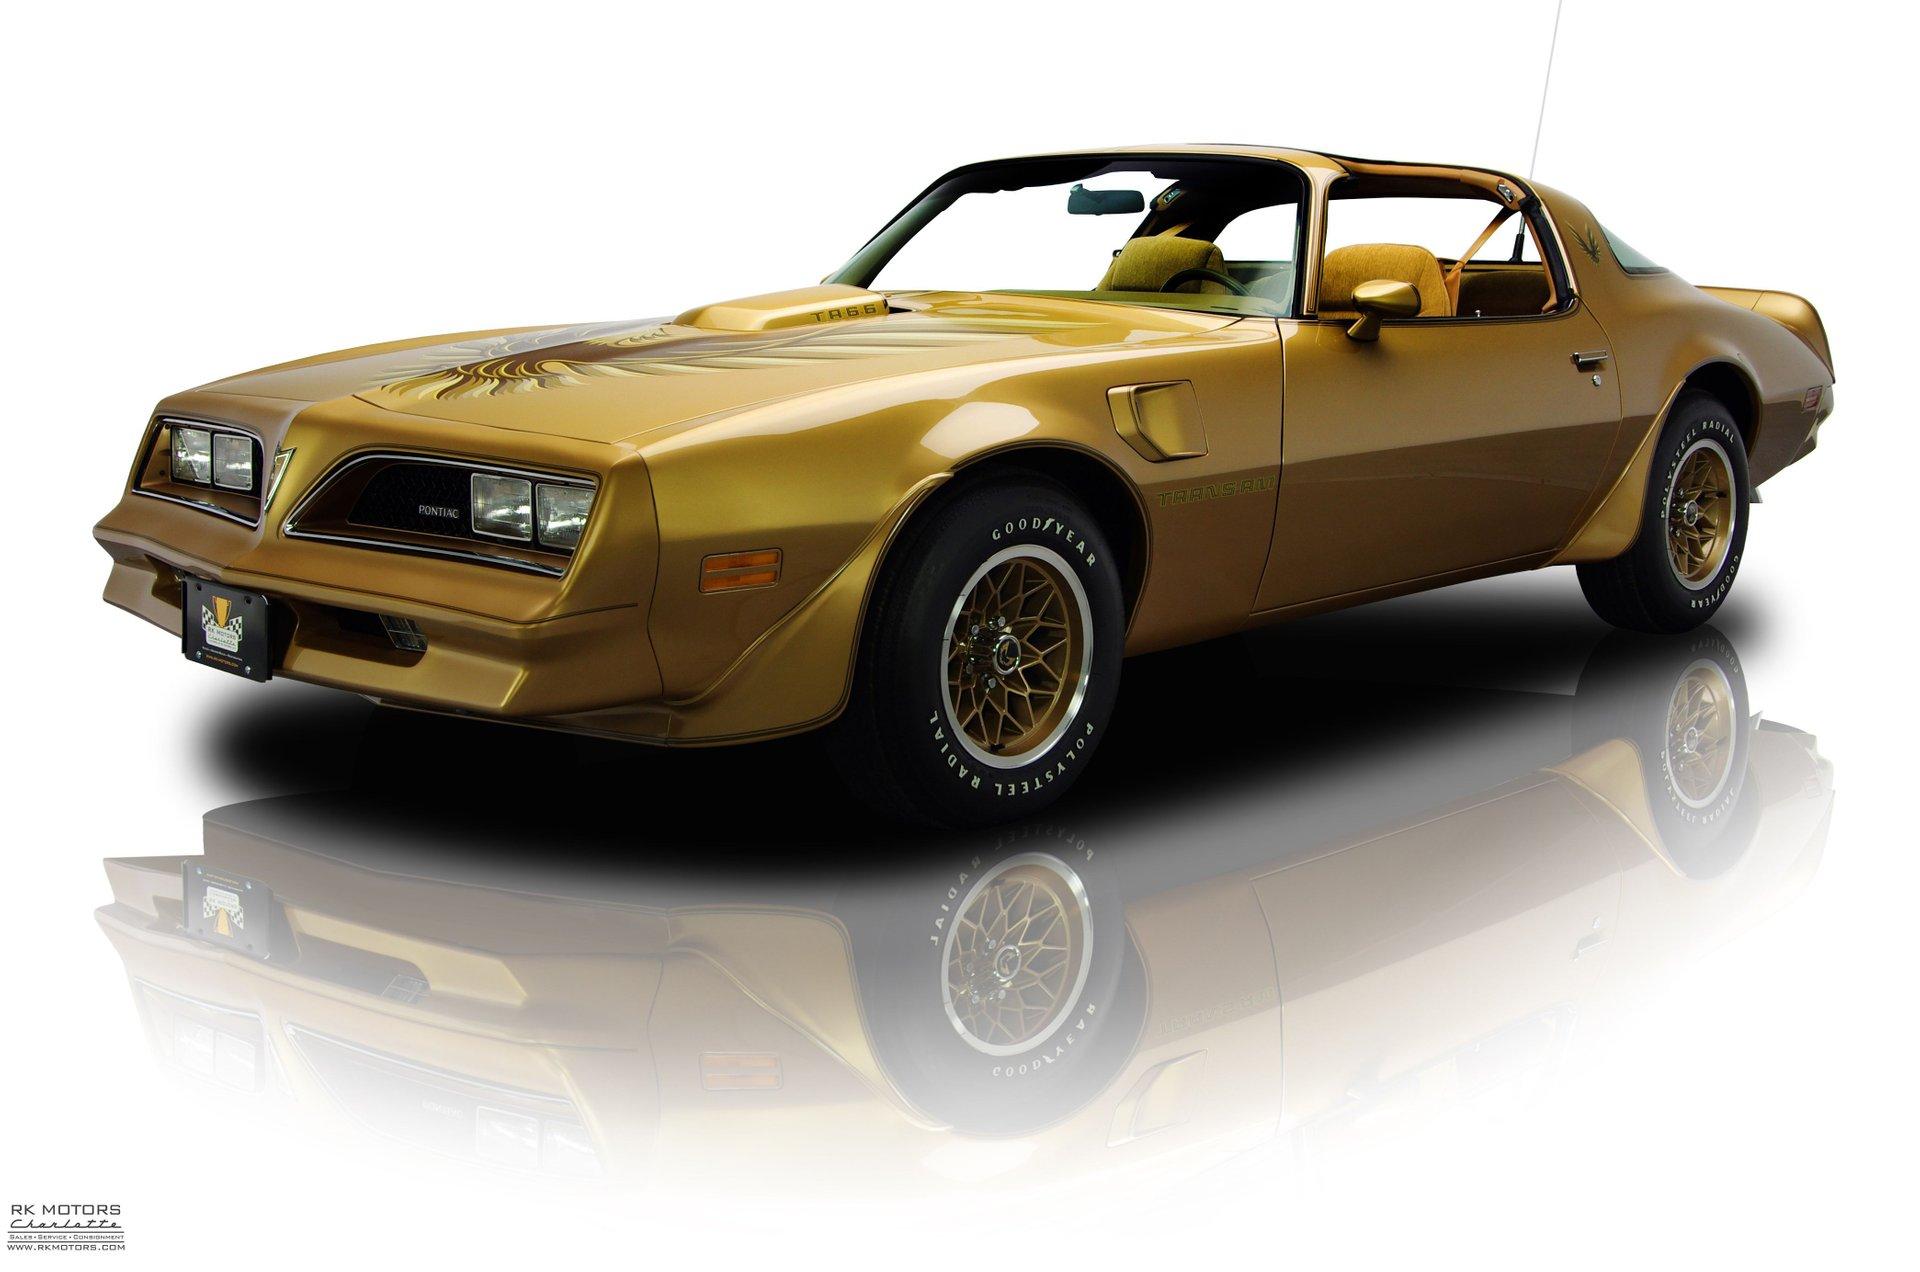 1978 pontiac firebird trans am gold special edition